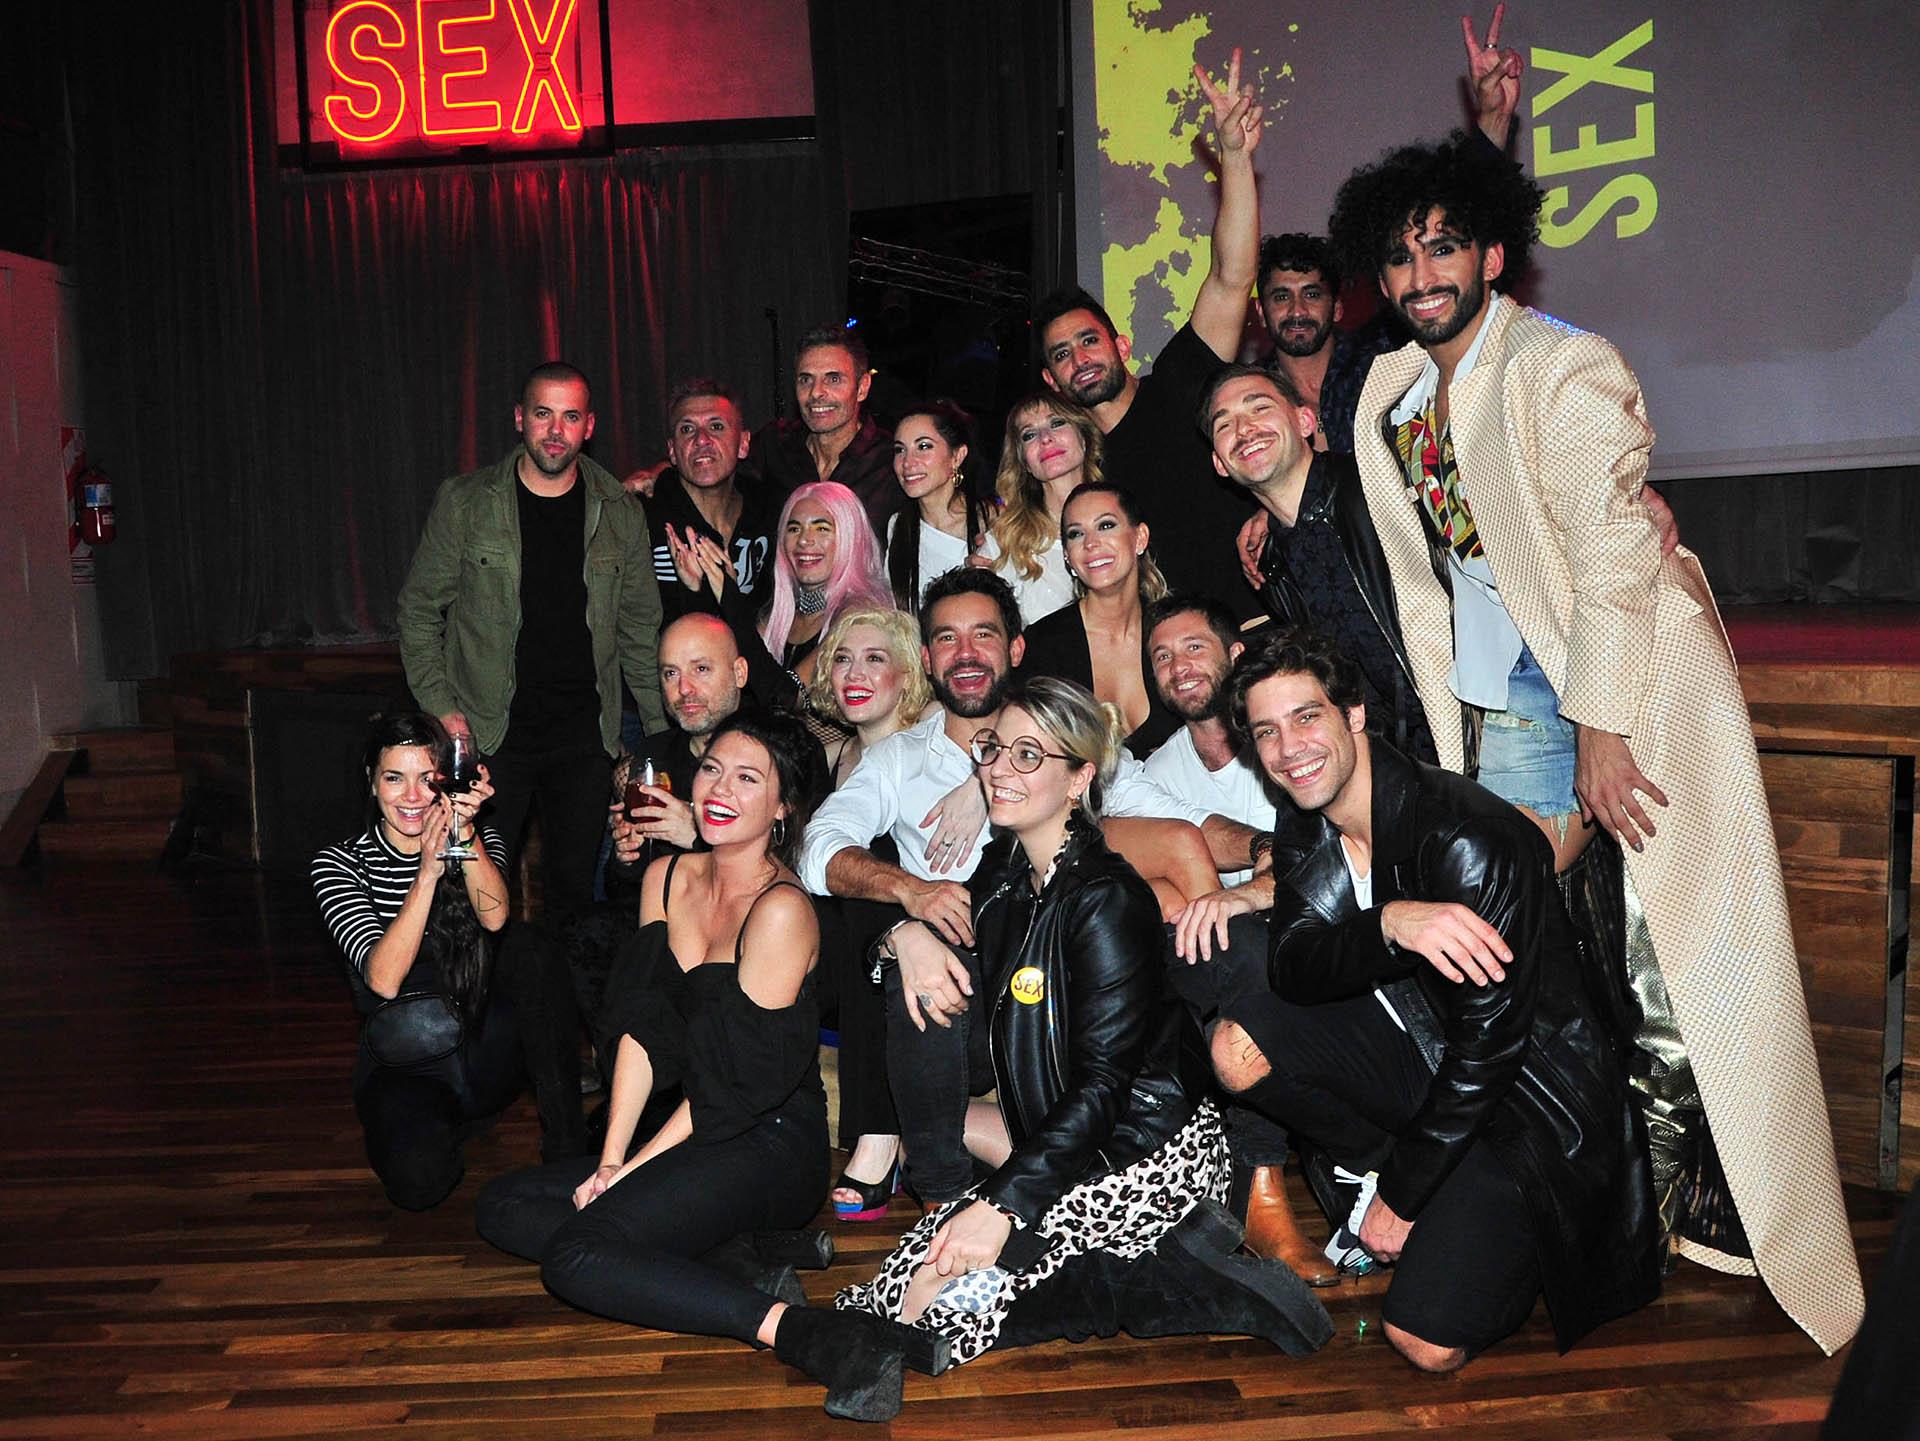 Los famosos que asistieron al evento junto al elenco de la obra de teatro (Verónica Guerman/ Teleshow)